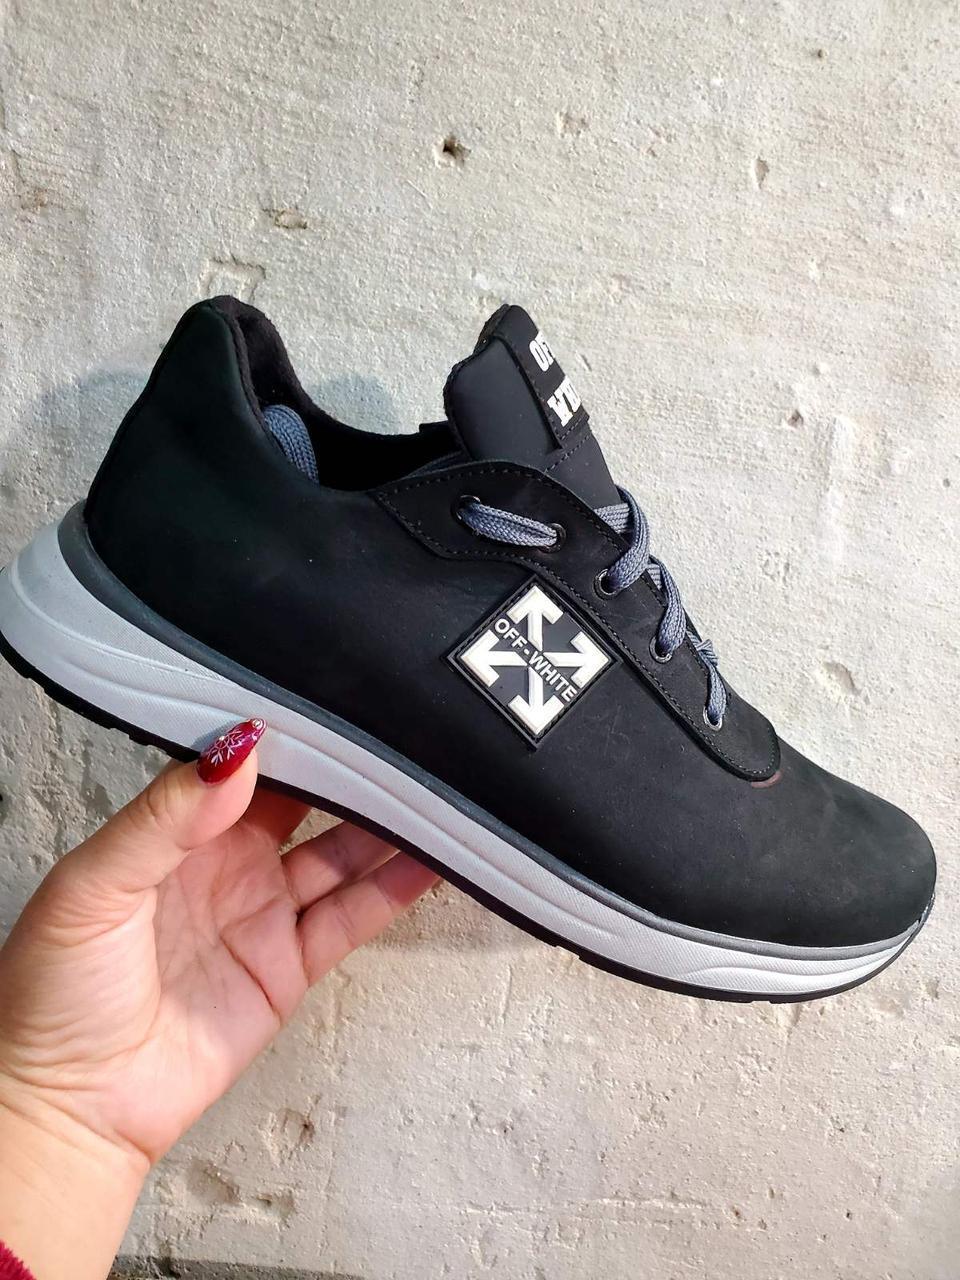 Кожаные мужские черные кроссовки Оff White  размеры 40 41 42 43 44 45 43